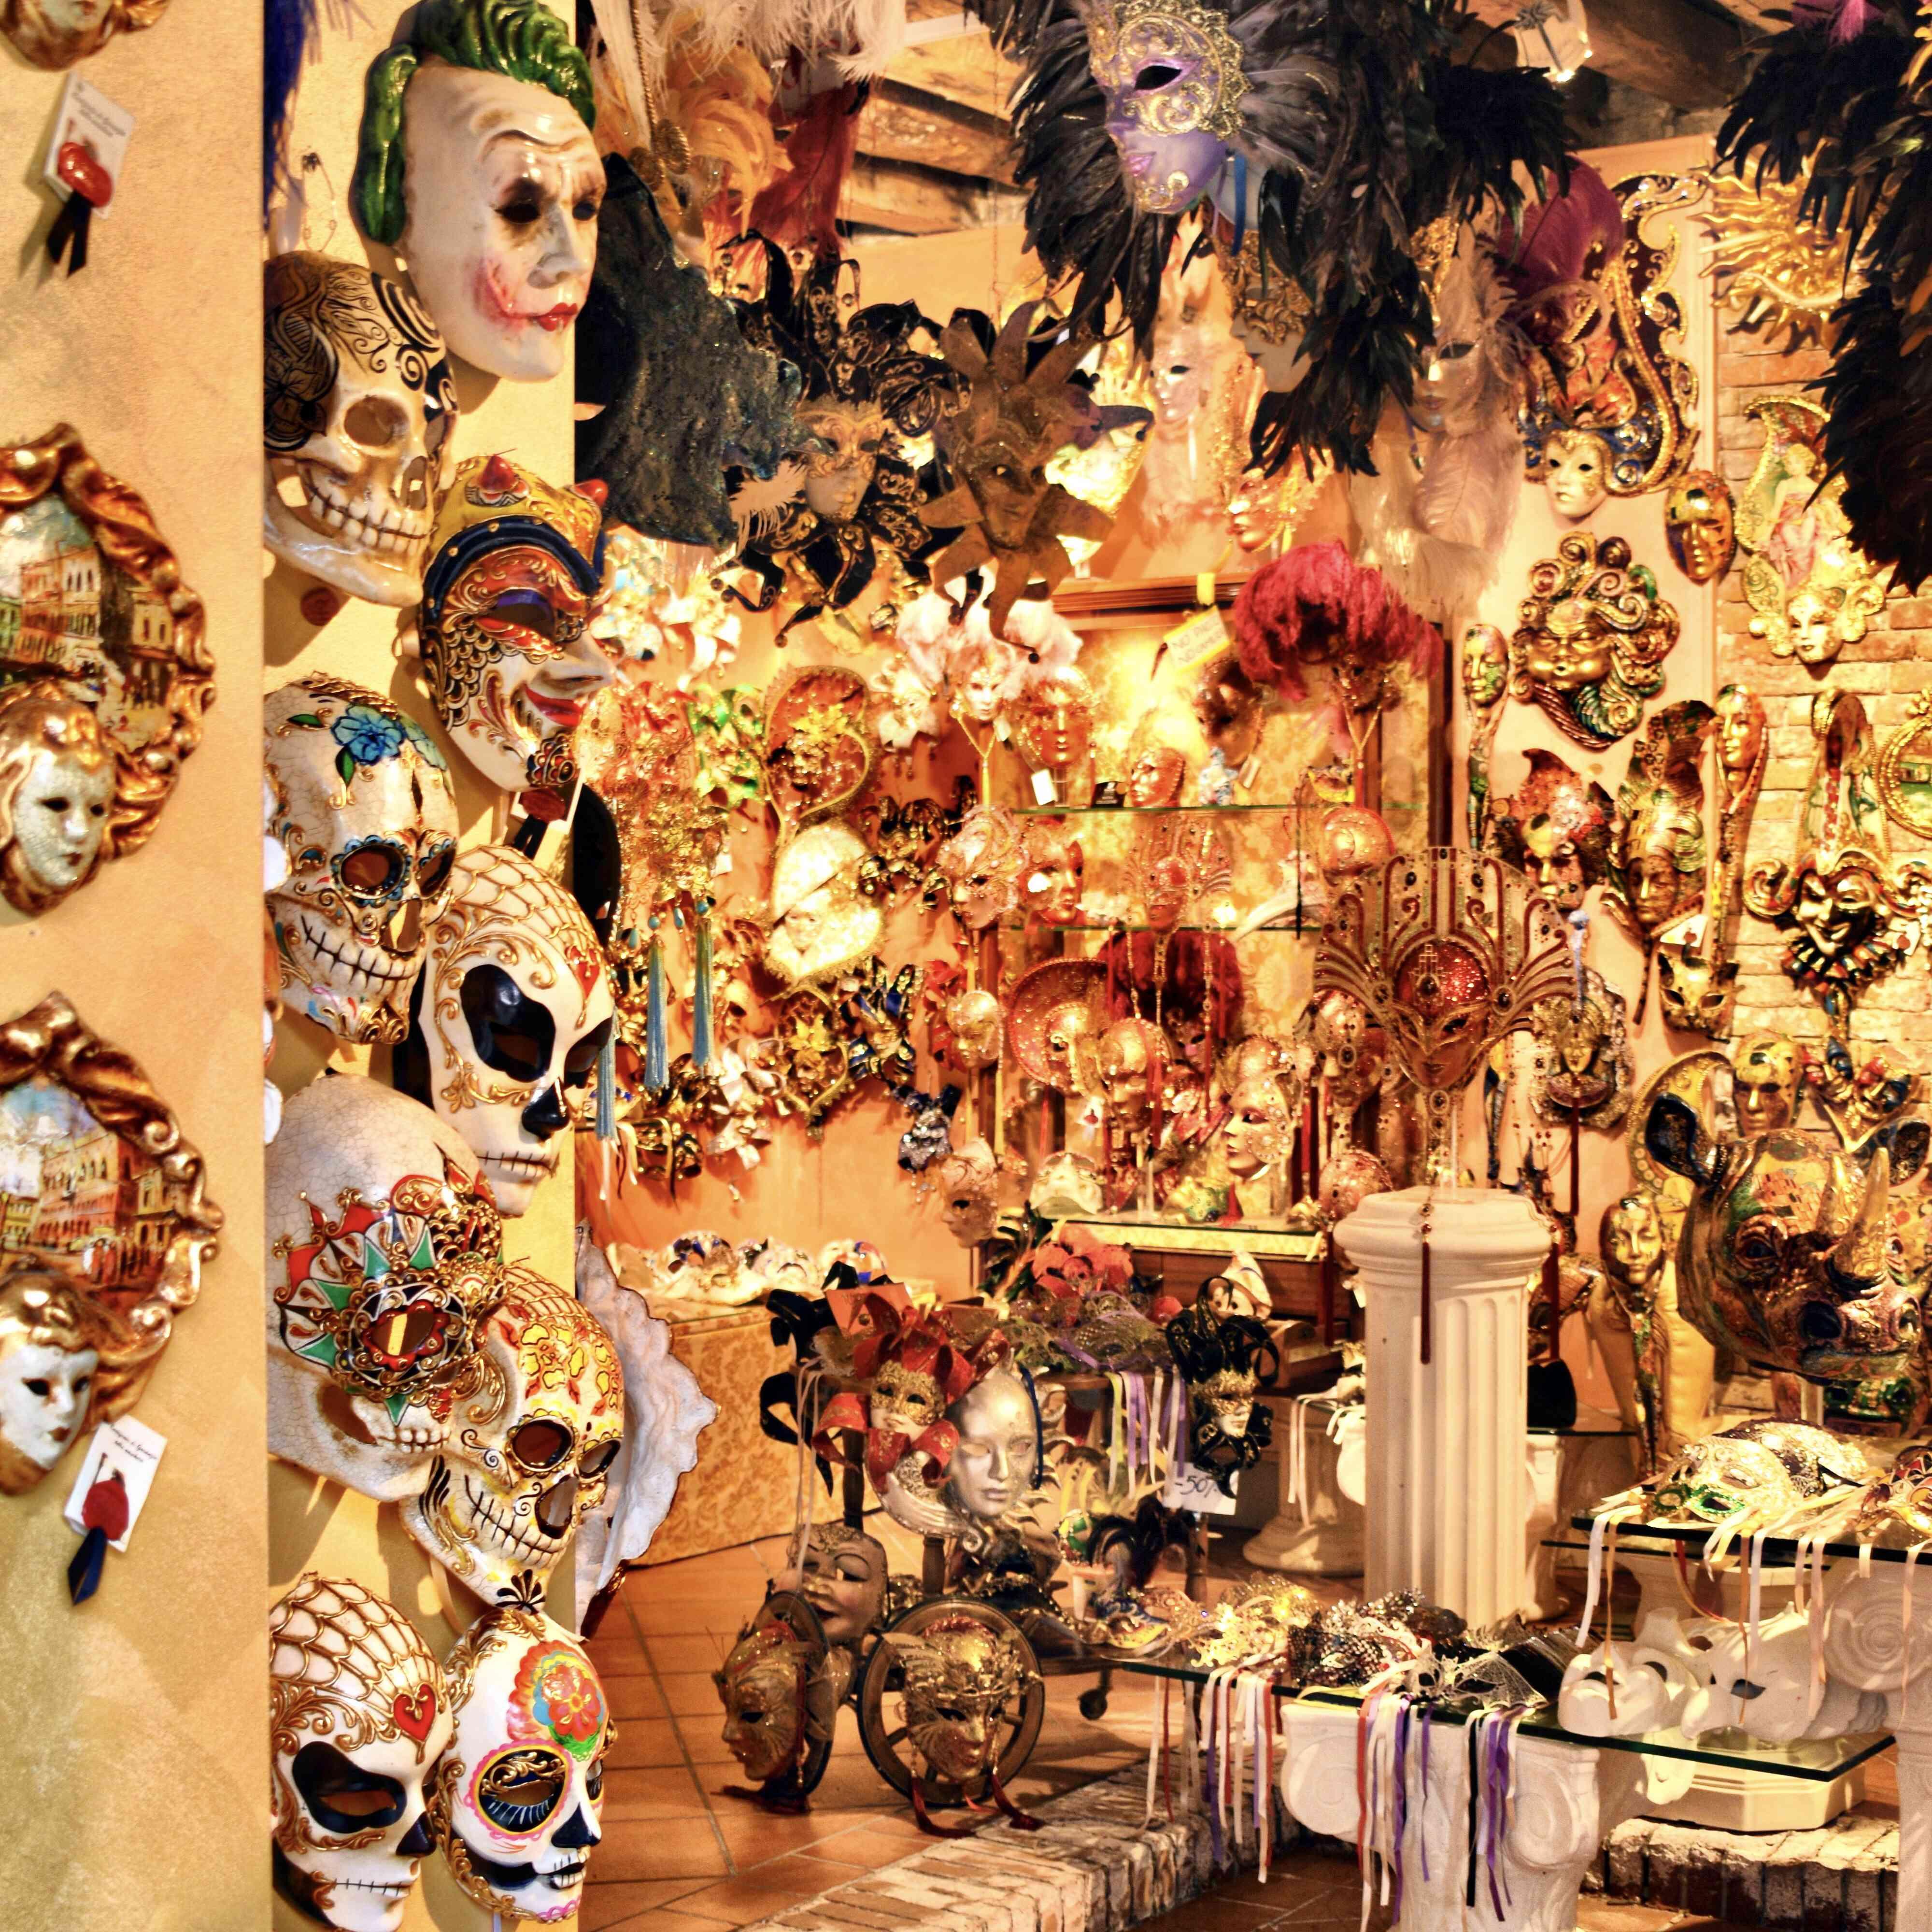 Máscaras en el souvenier tienda